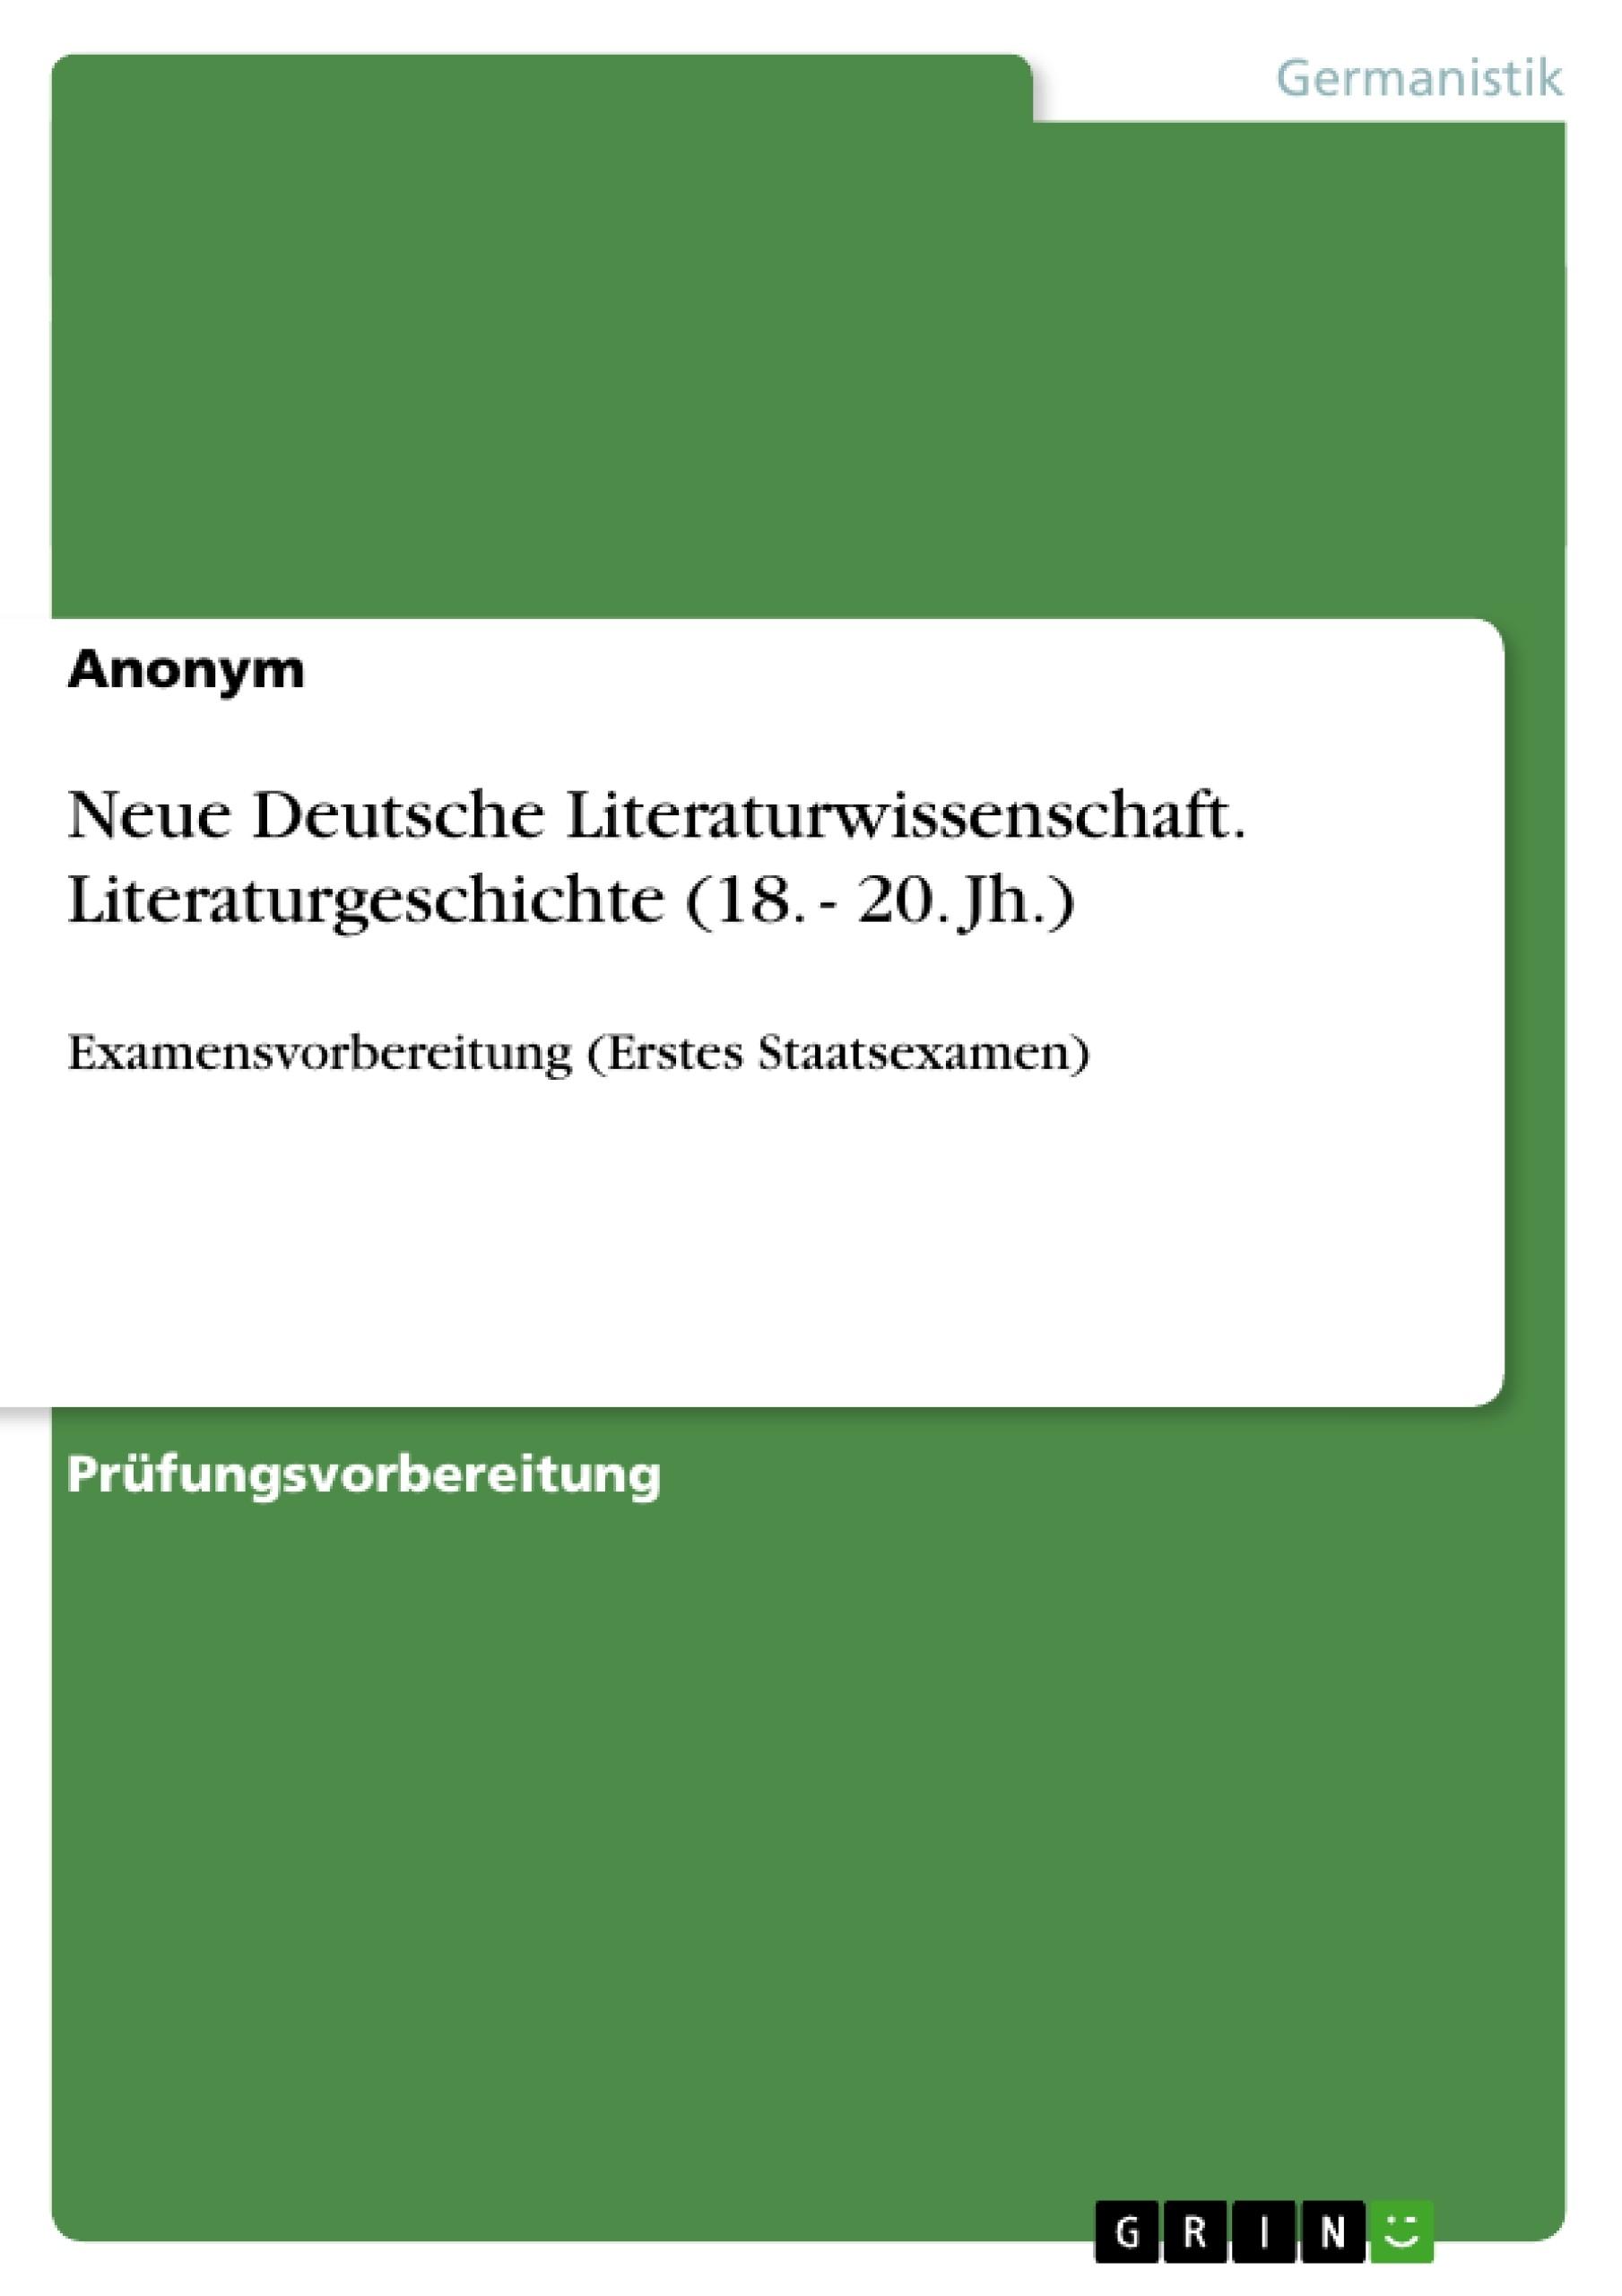 Titel: Neue Deutsche Literaturwissenschaft. Literaturgeschichte (18. - 20. Jh.)